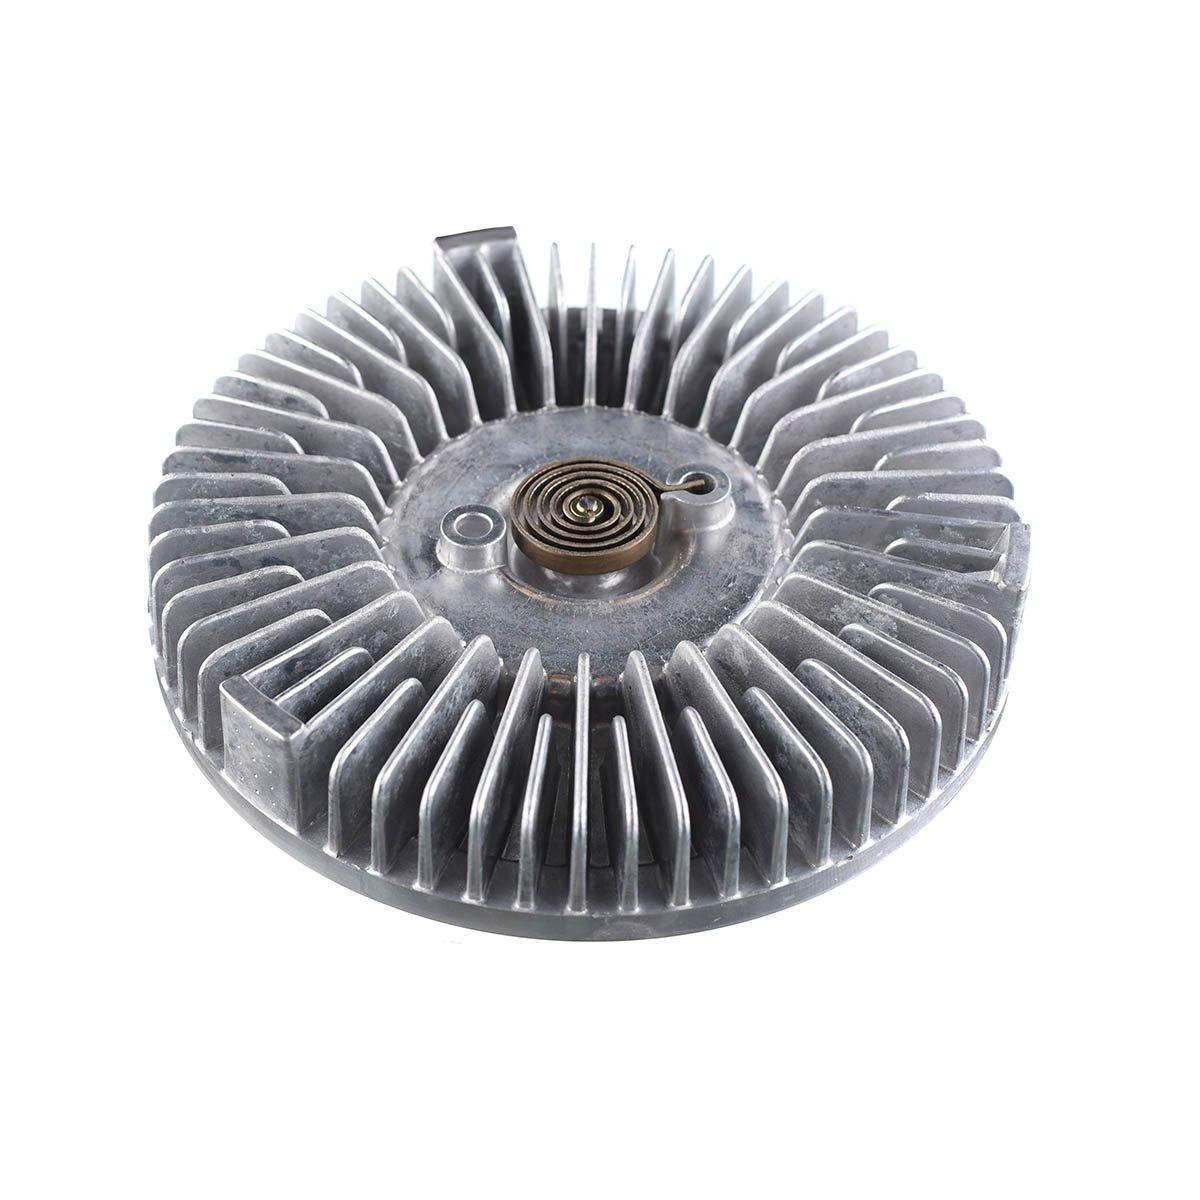 Ford Ranger Fan Clutch Noise Symptoms of a Bad or Failing Fan Clutch